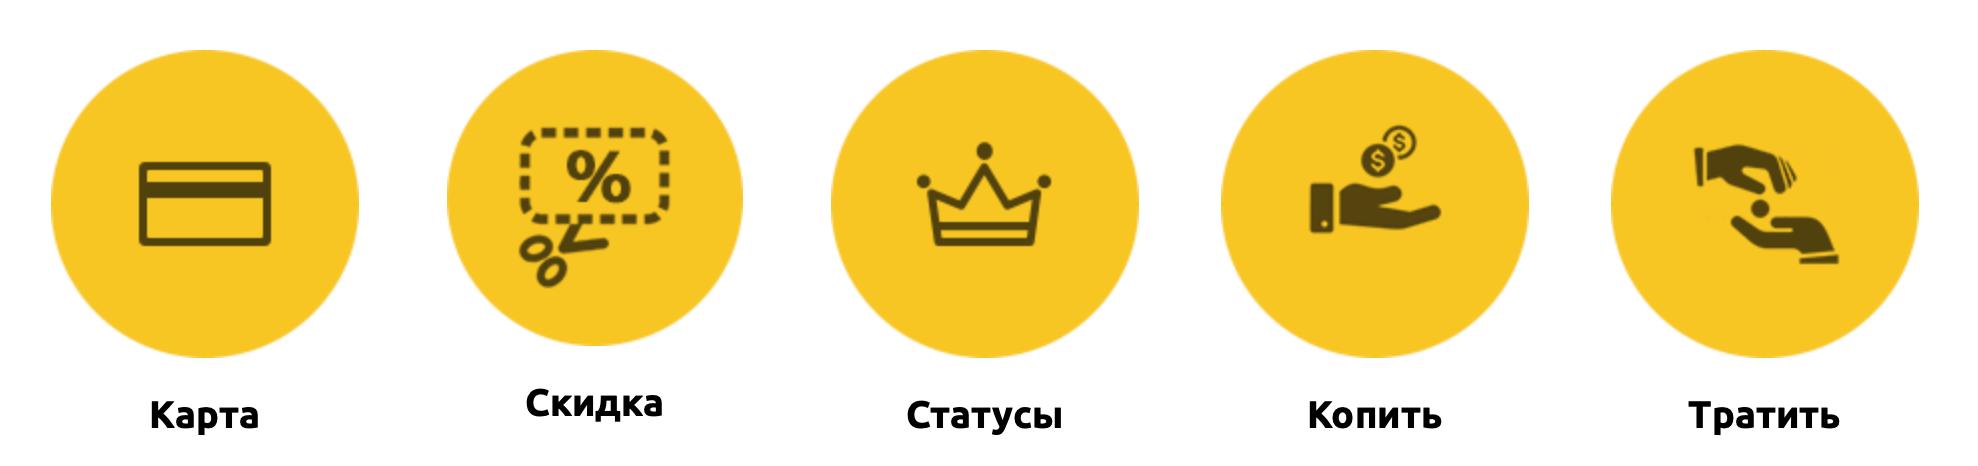 программа лояльности Петрович